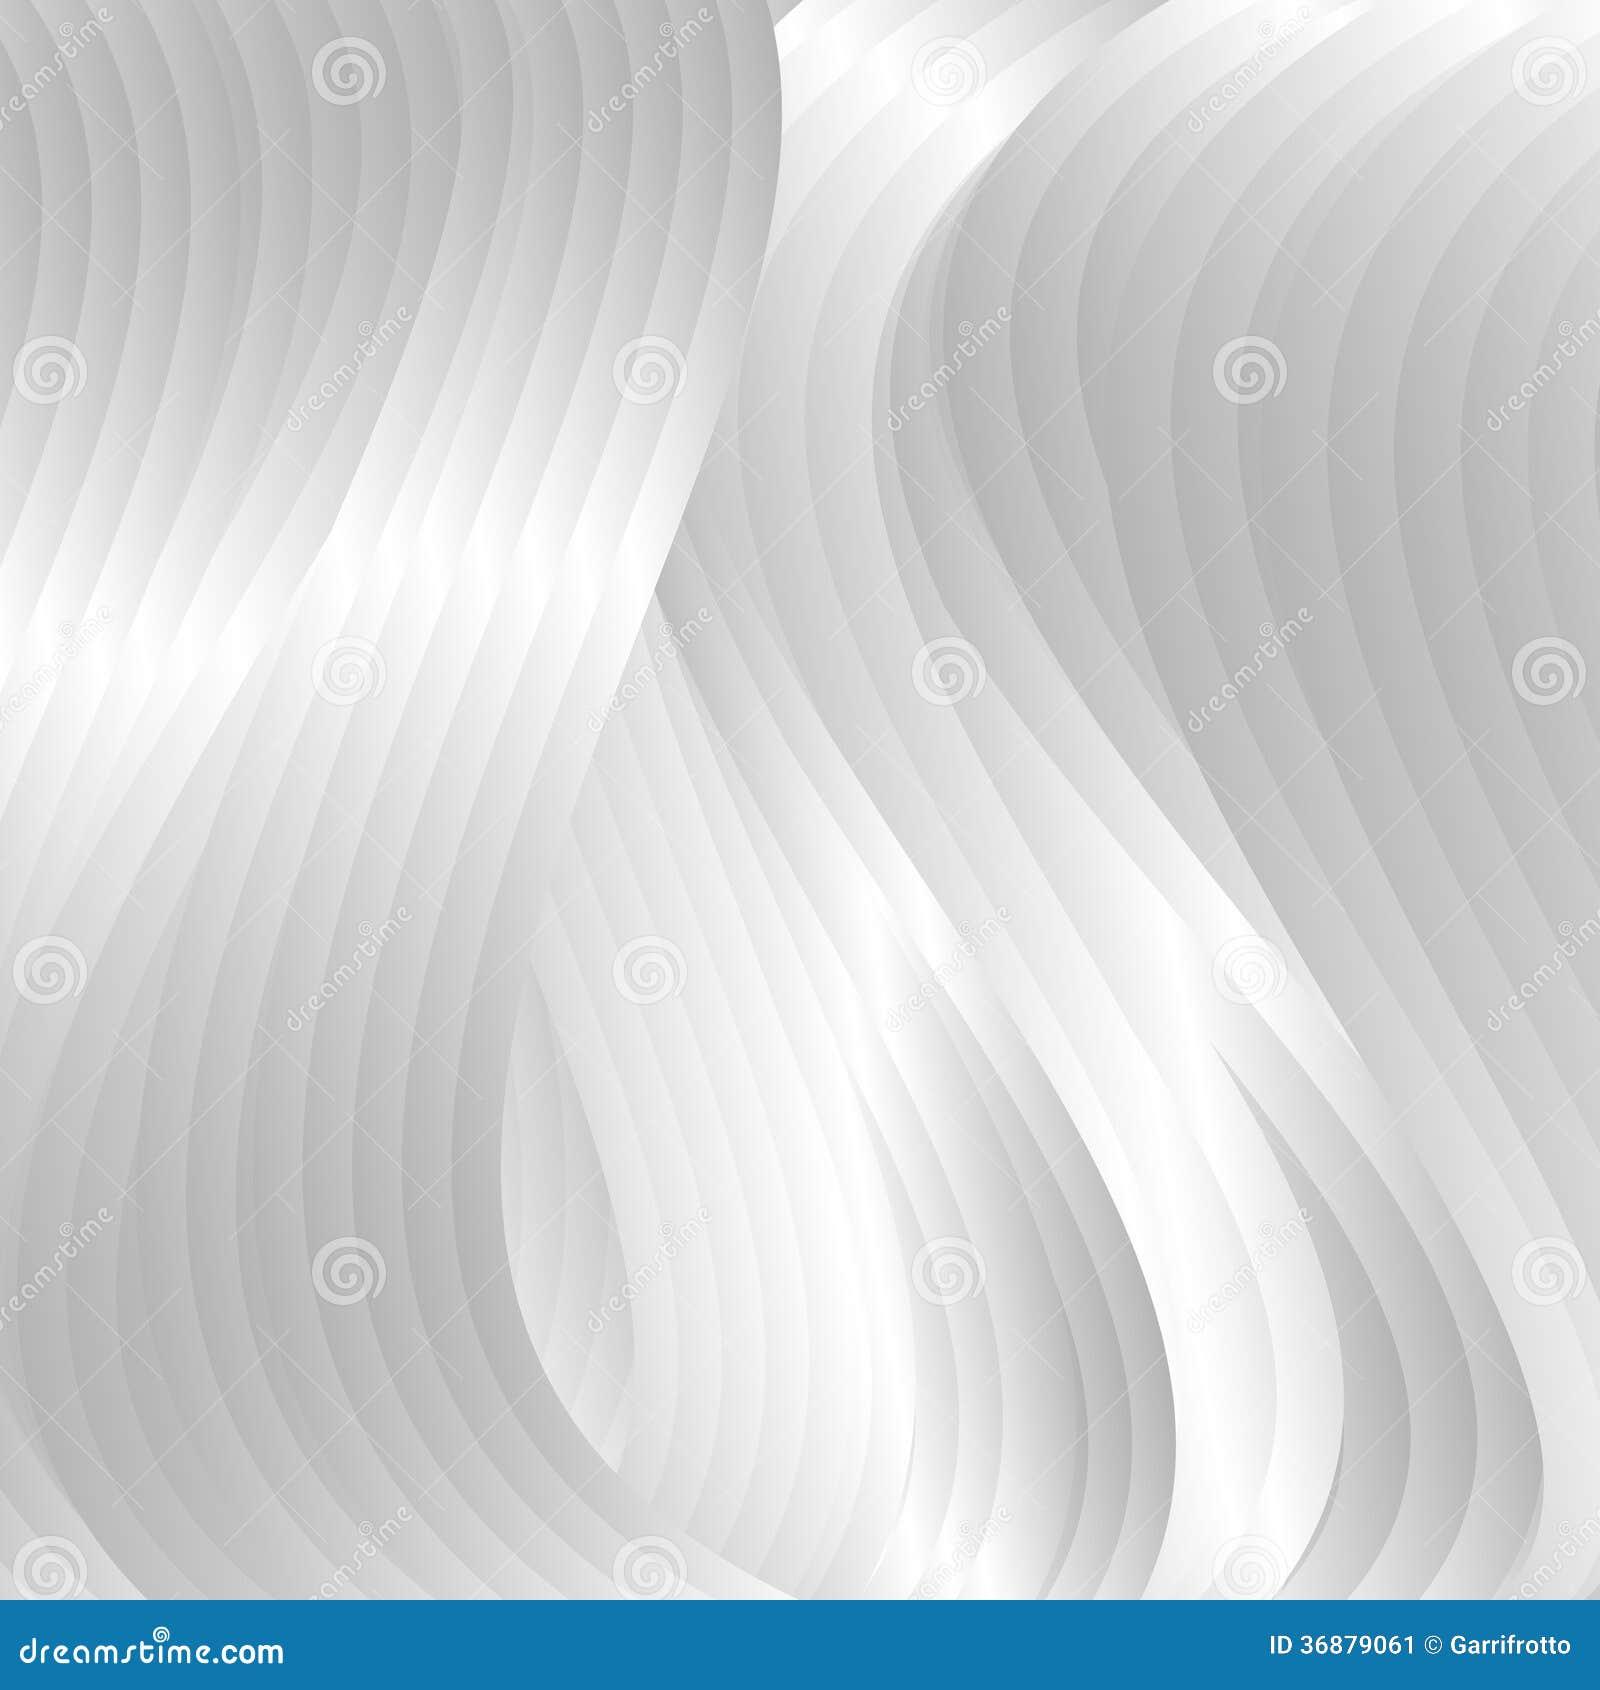 Download Contesto Astratto Con Le Onde D'argento Illustrazione Vettoriale - Illustrazione di estratto, background: 36879061